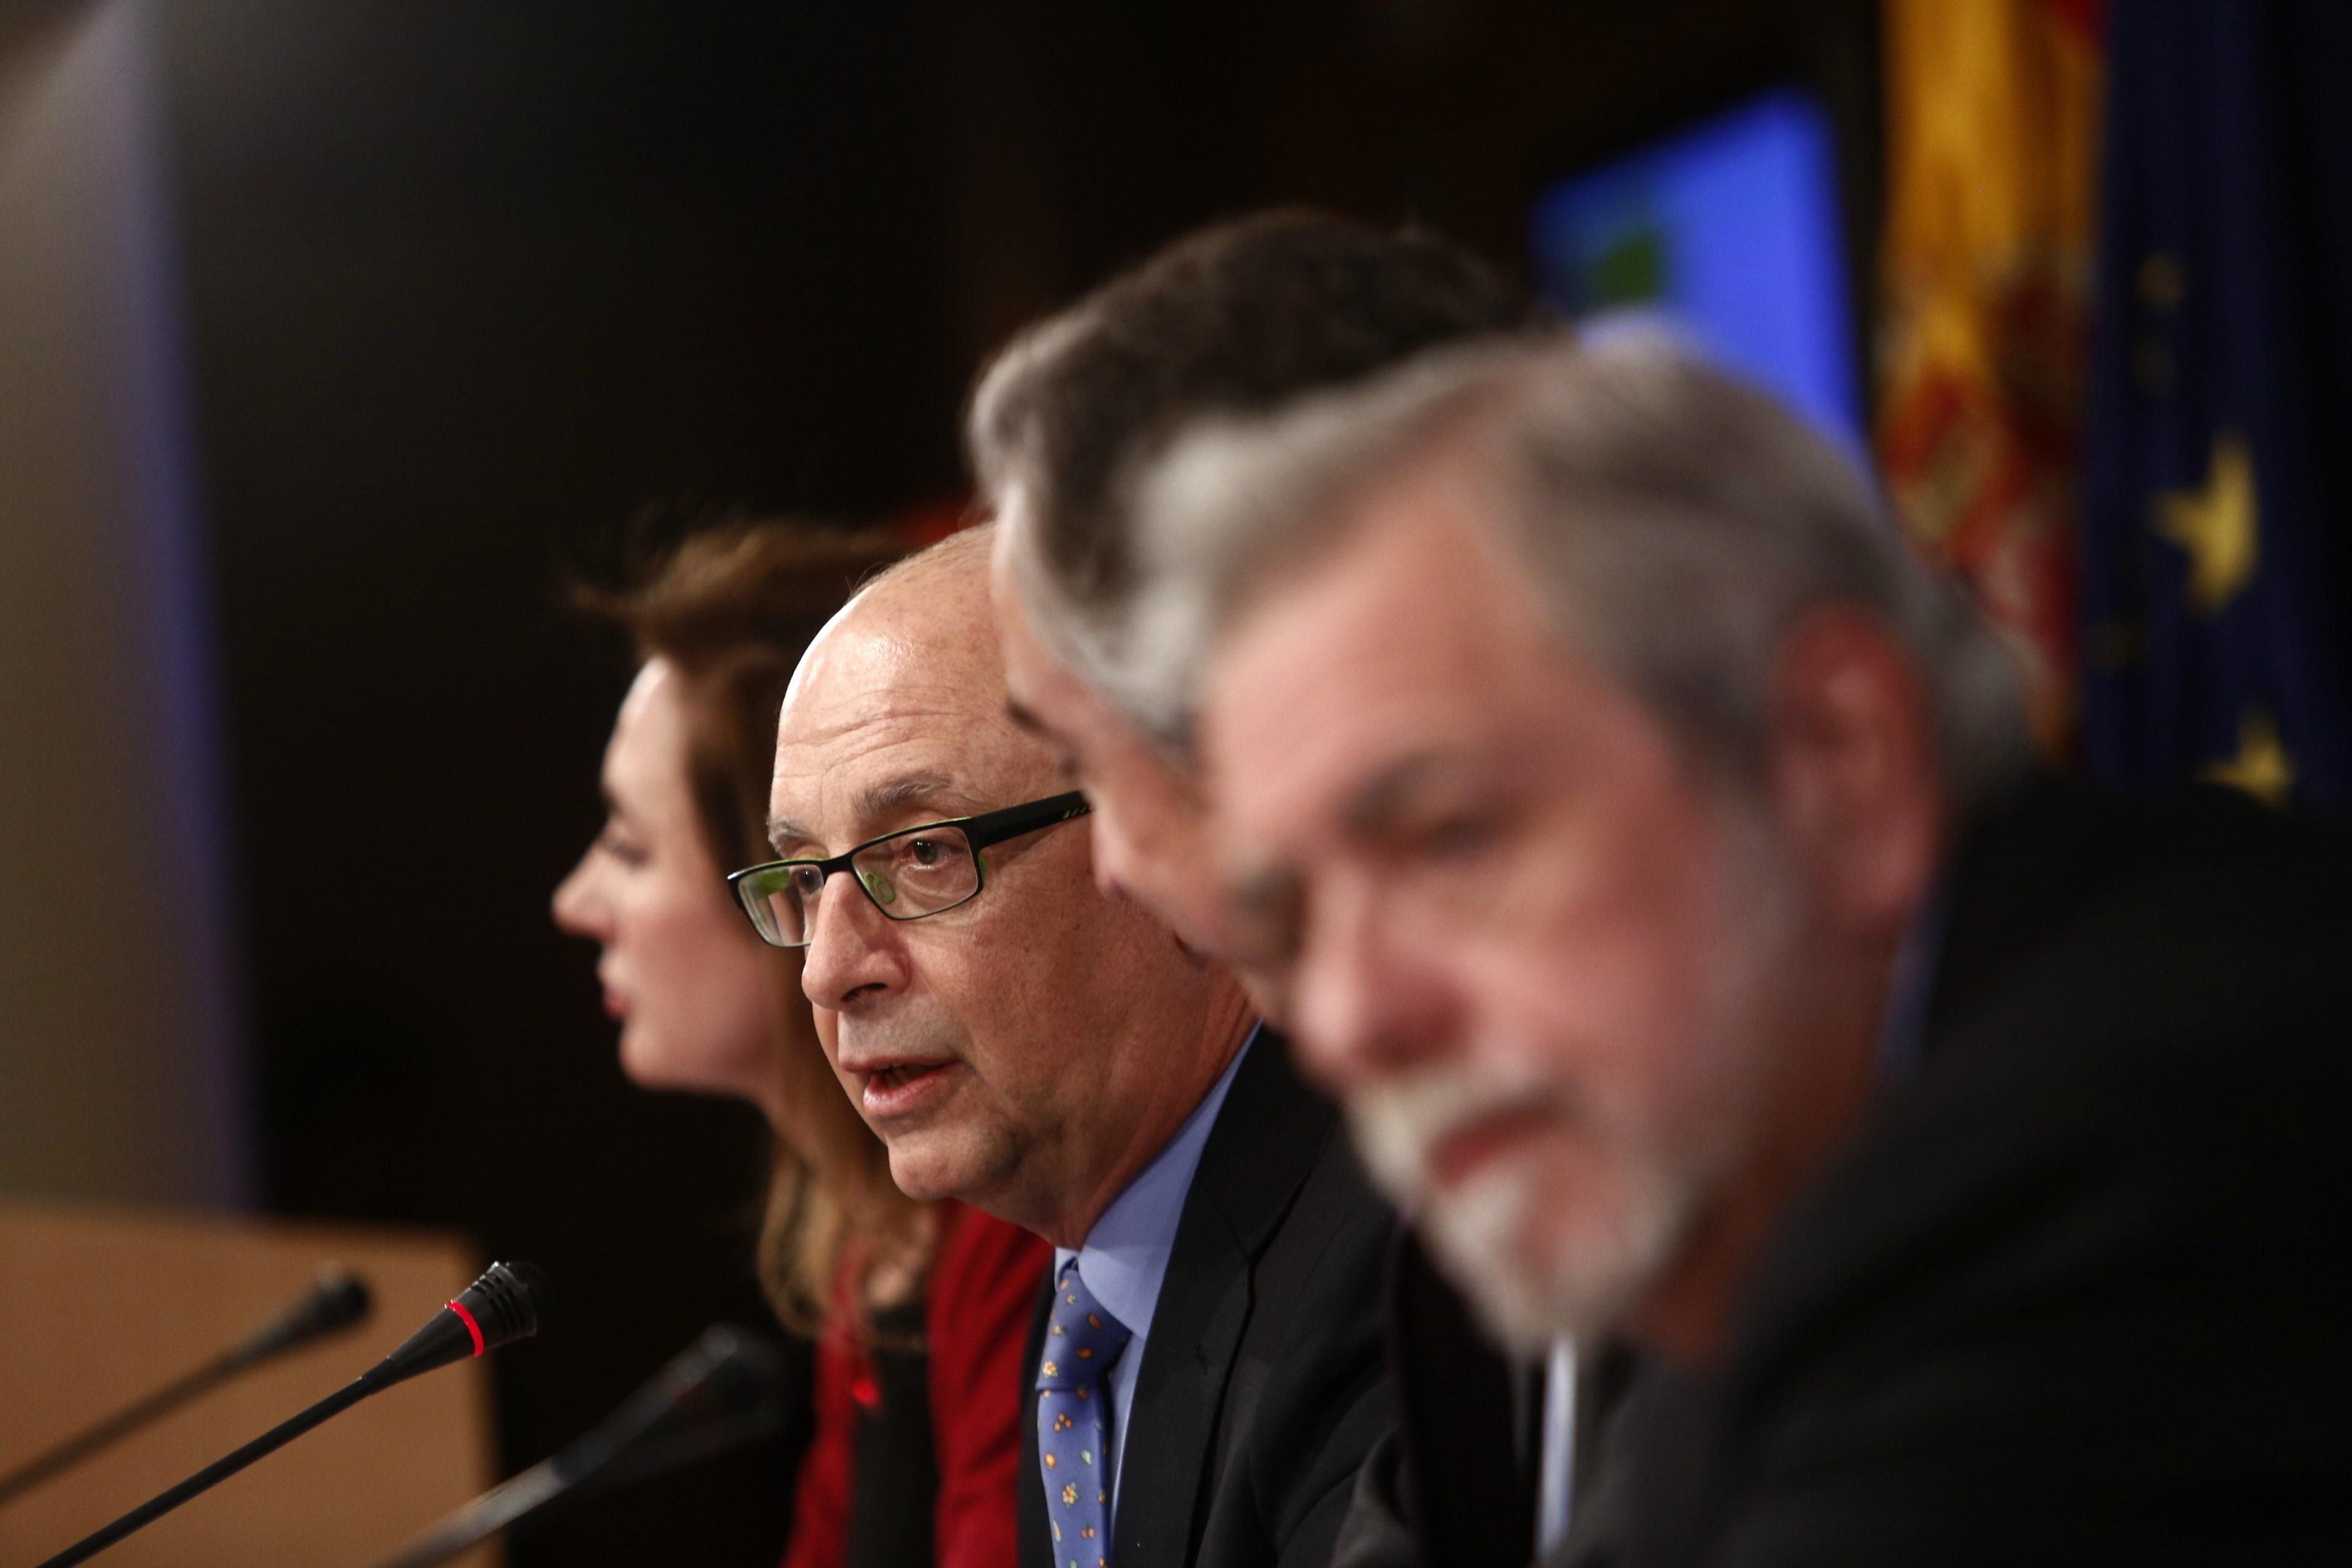 El Estado redujo el déficit un 3,83% en 2012 y las CCAA un 1,73%